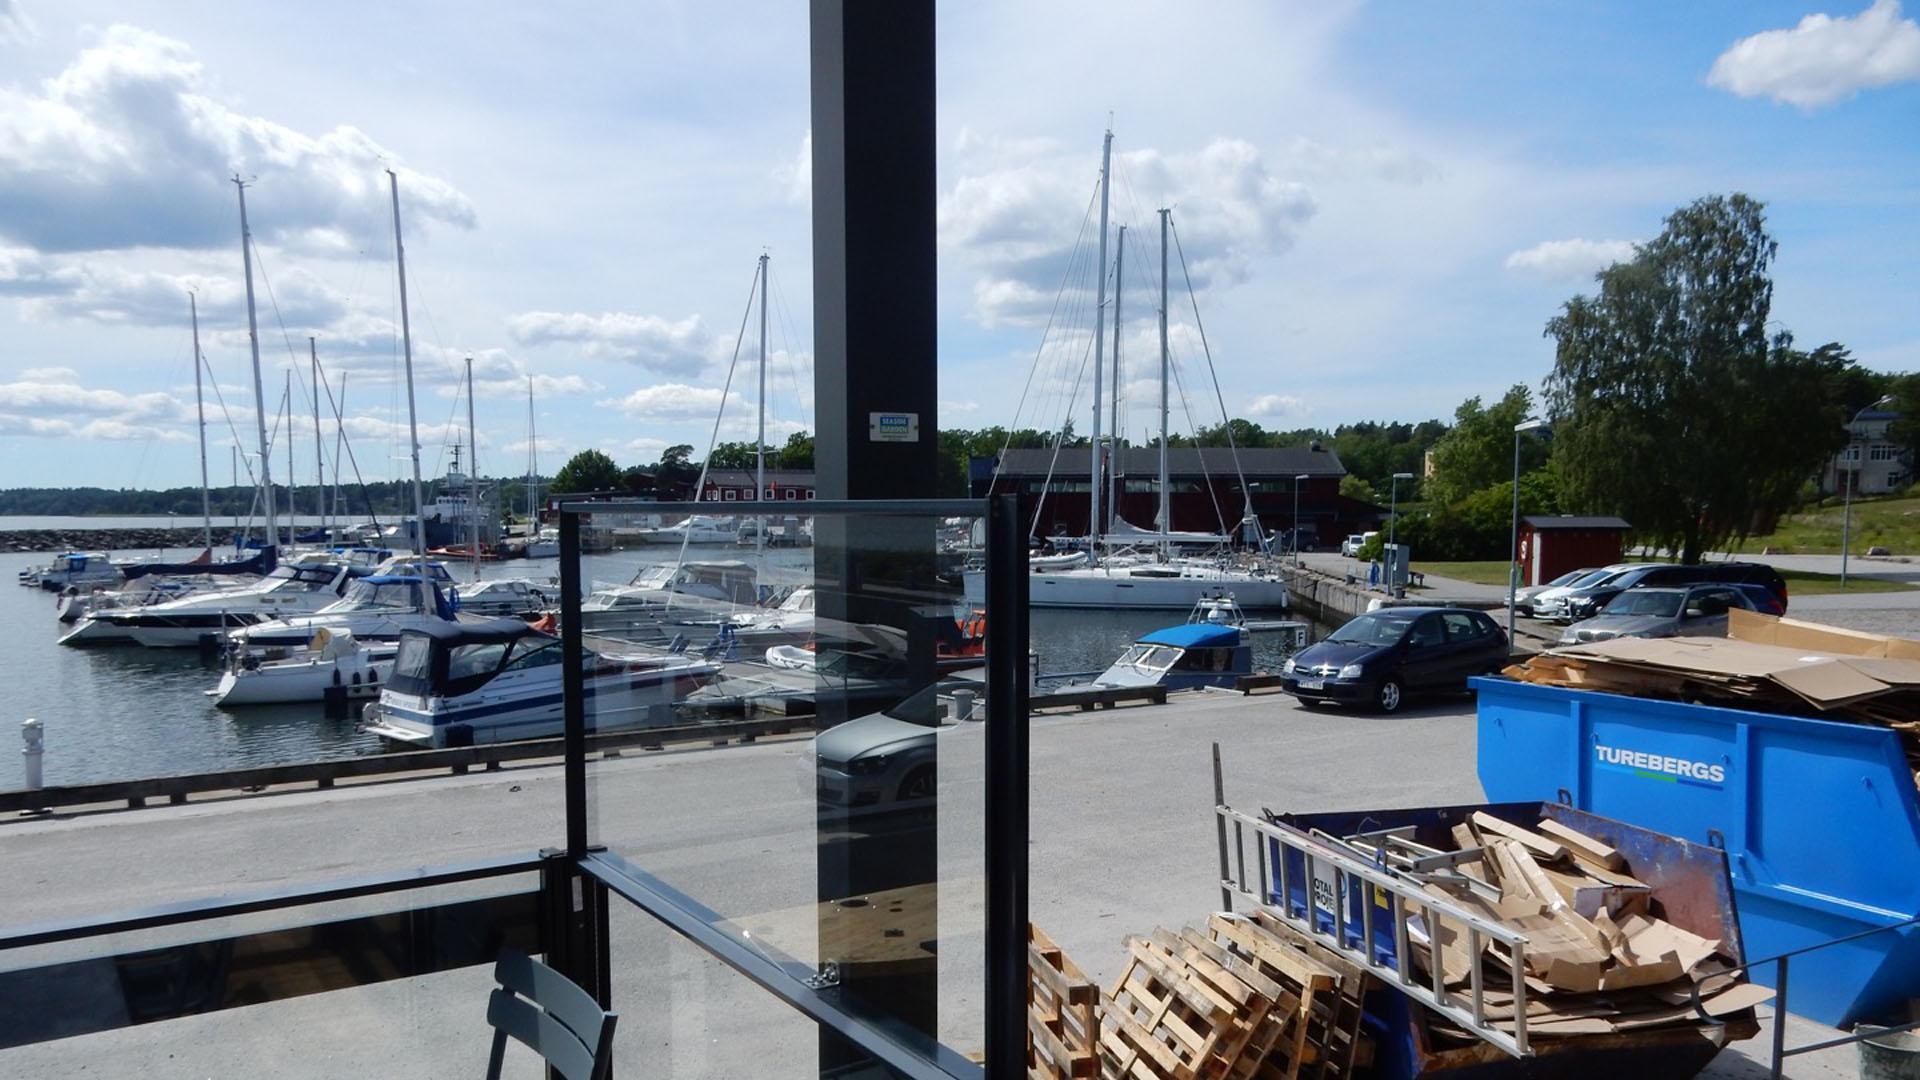 Vaxholm rindö hamn 13